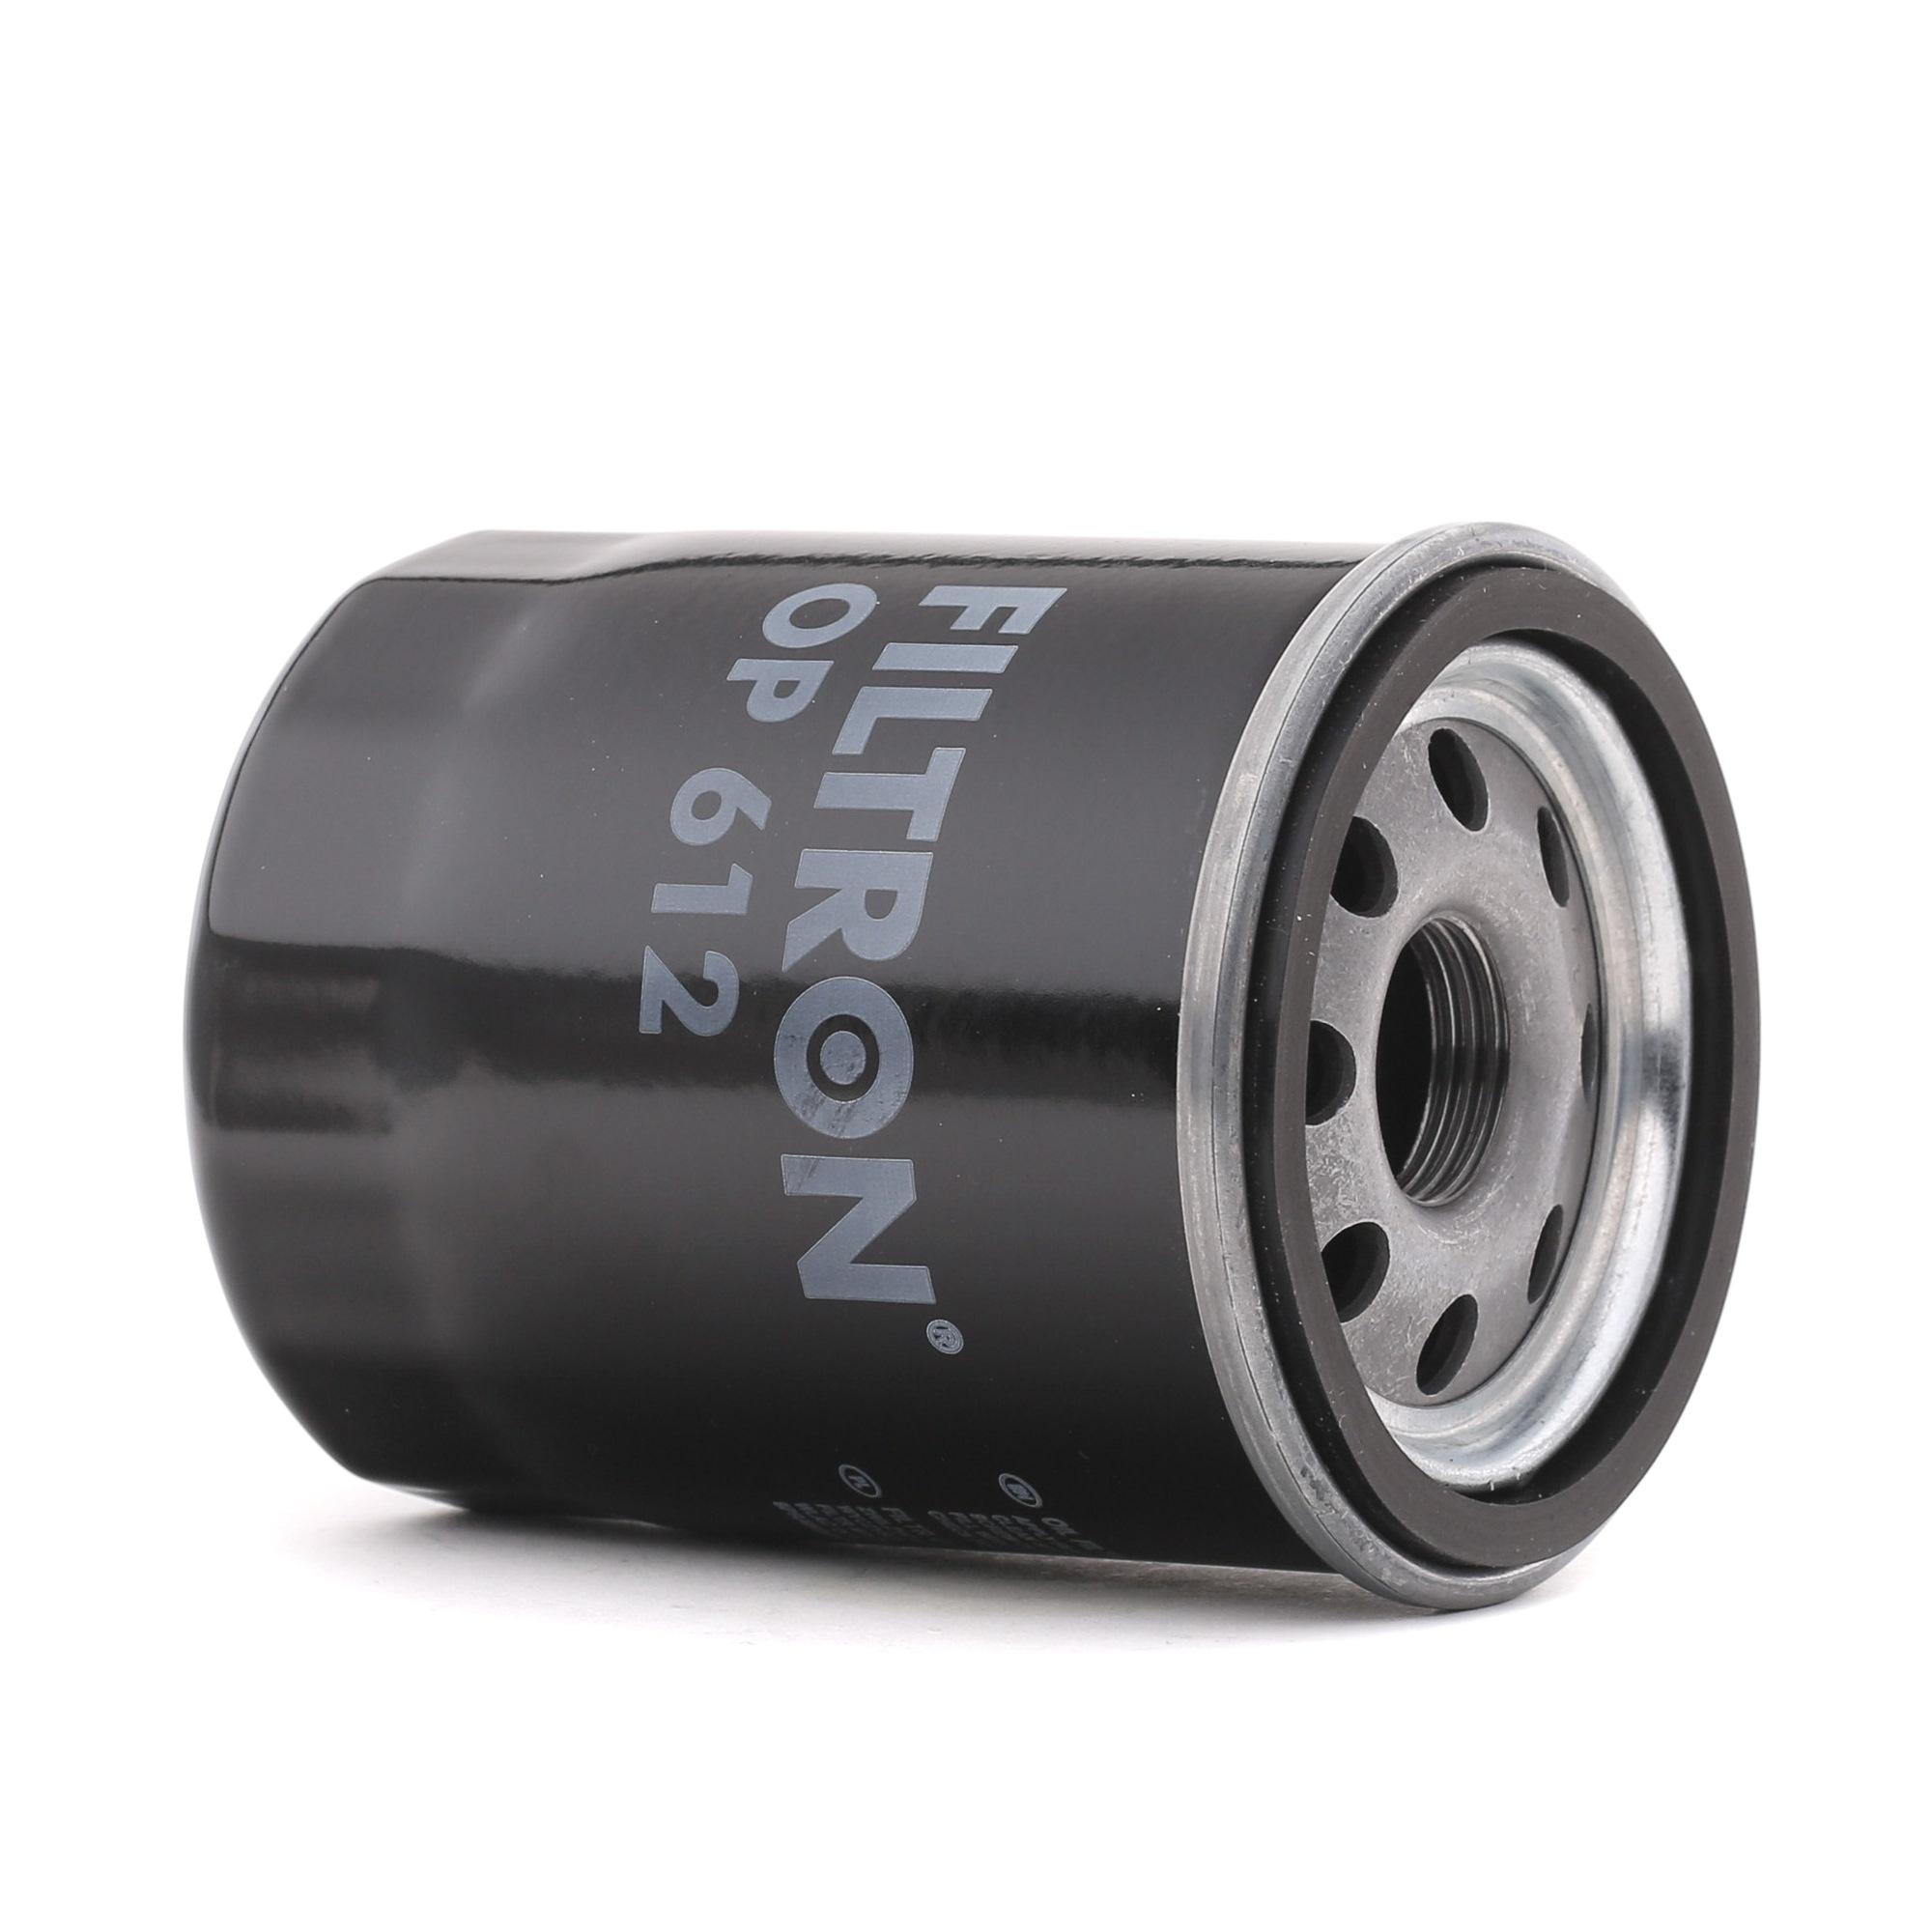 OP 612 FILTRON Anschraubfilter Innendurchmesser 2: 63mm, Innendurchmesser 2: 50mm, Ø: 69mm, Höhe: 85mm Ölfilter OP 612 günstig kaufen